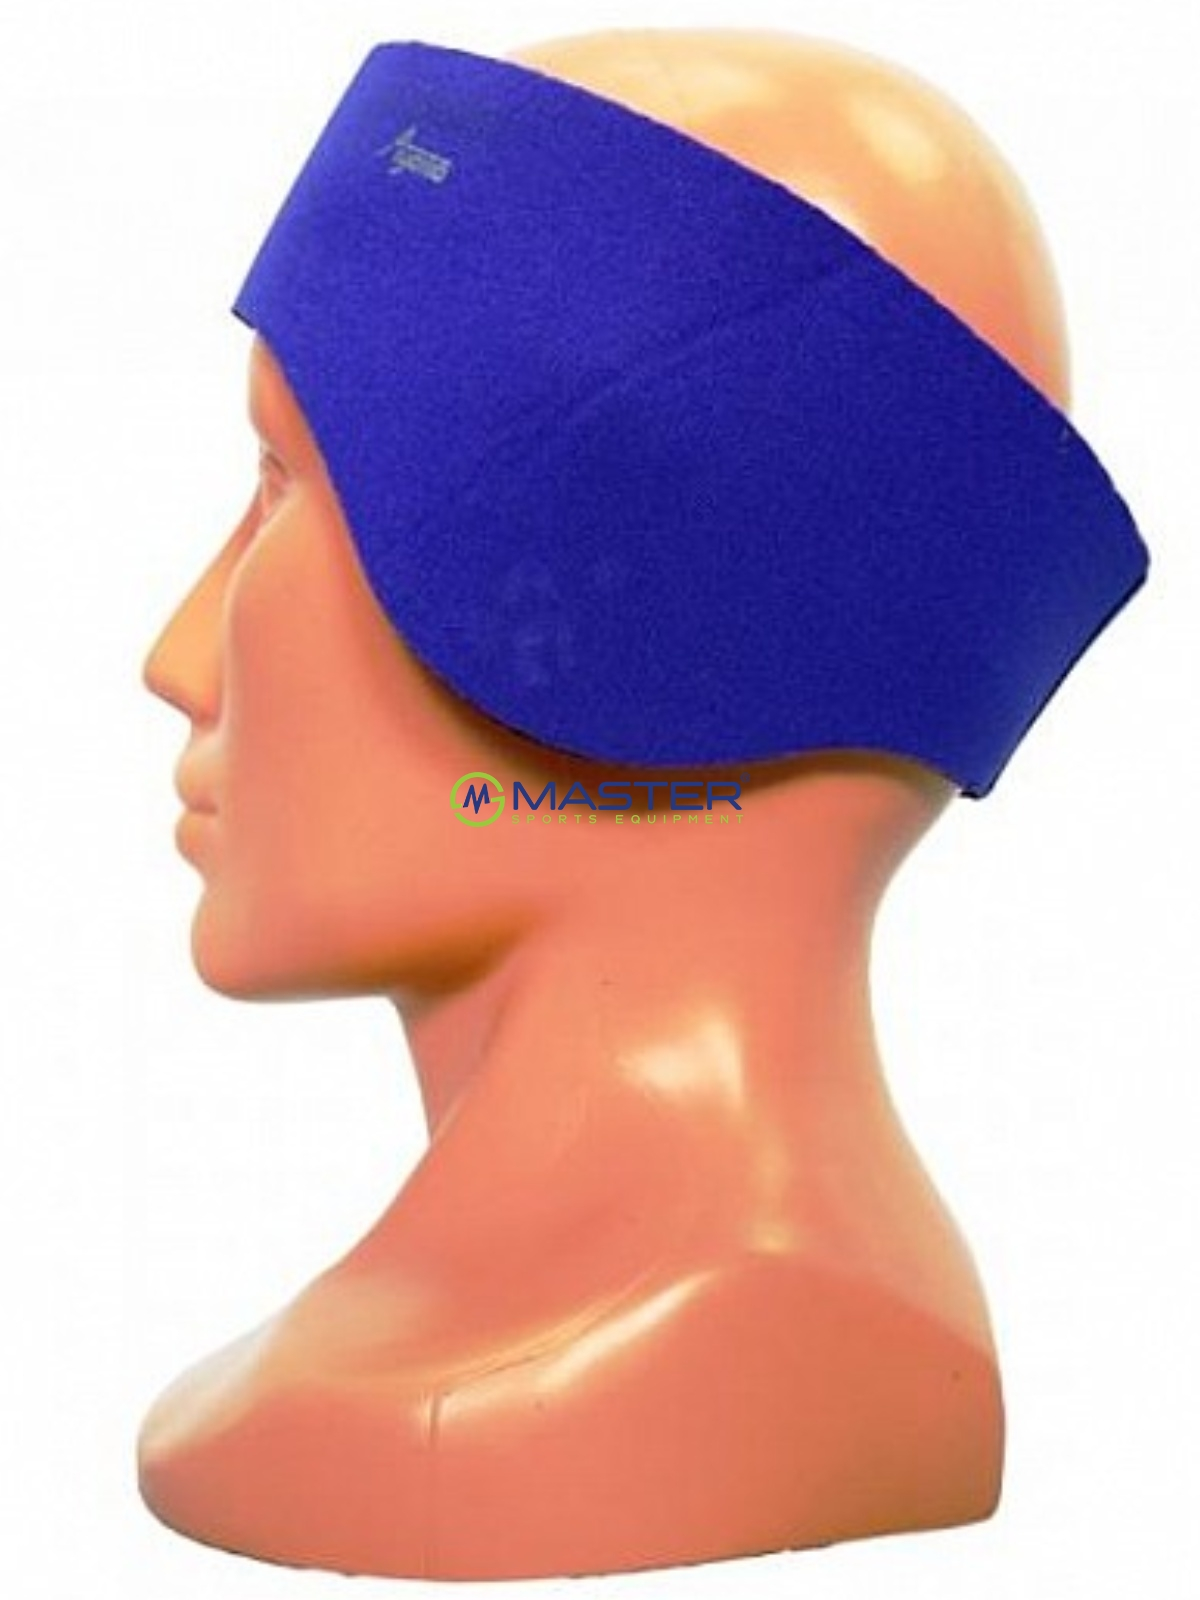 Neoprenová čelenka AGAMA 3 mm modrá - vel. 64  56fe5c07c1